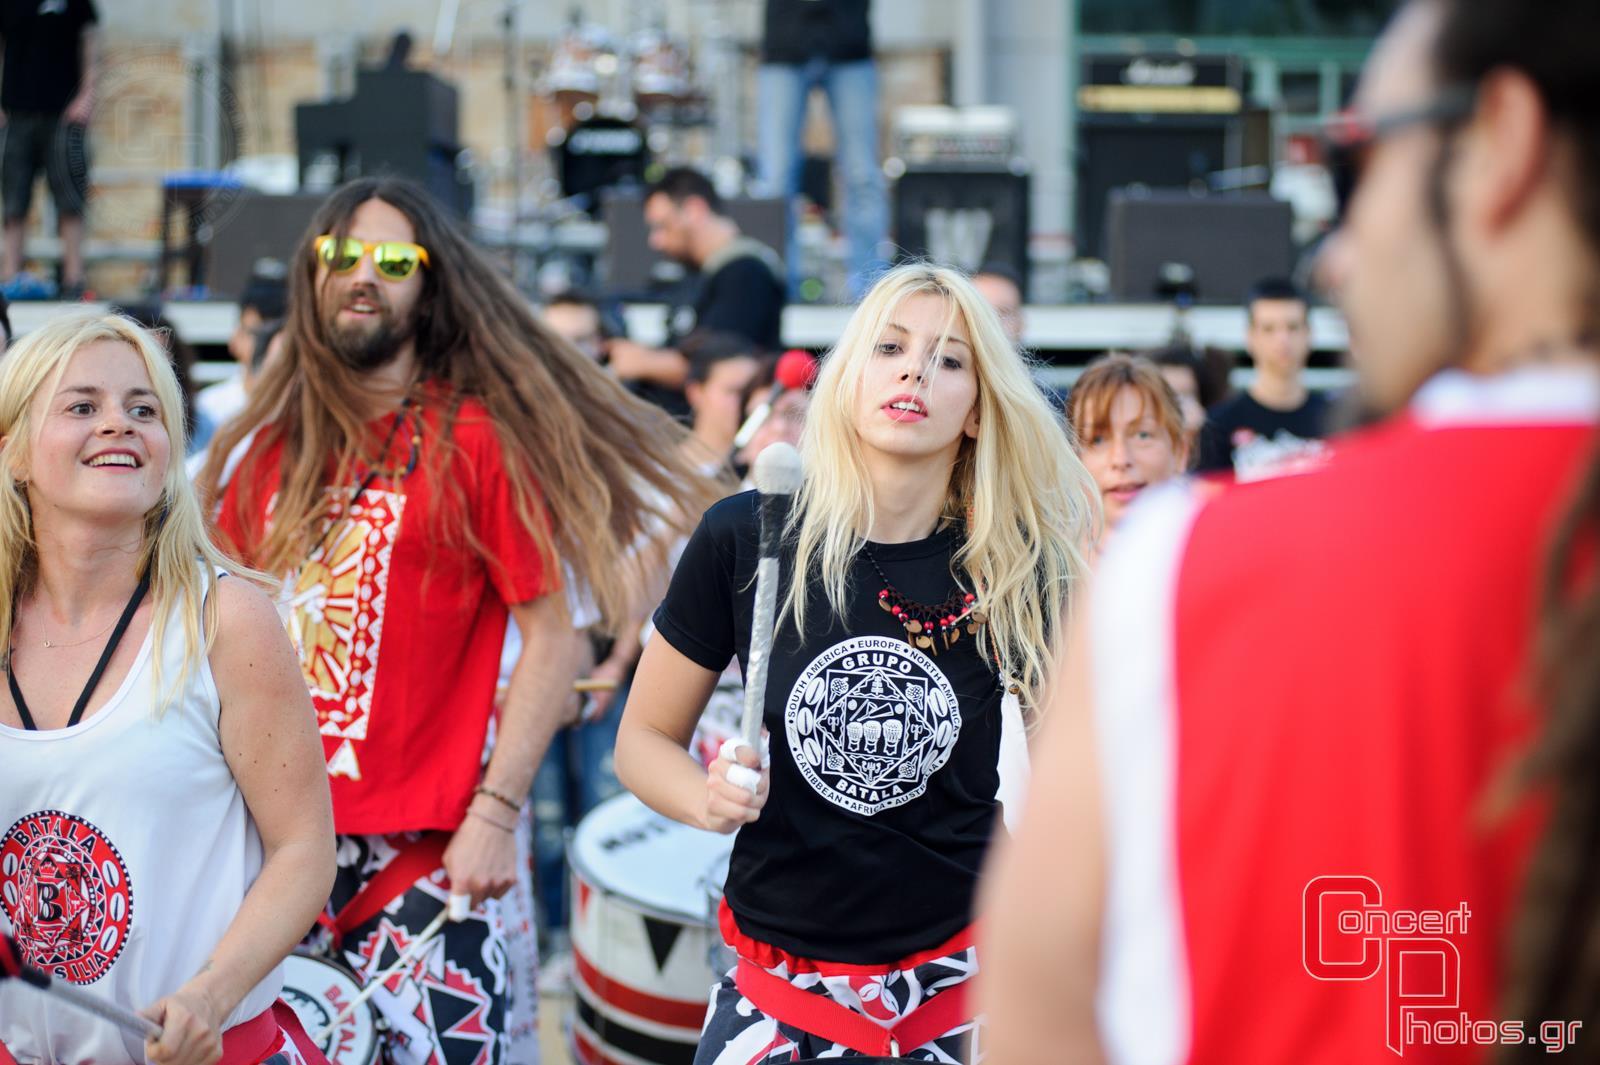 Μία συναυλία για τη Σχεδία 2014-Sxedia 2014 photographer:  - concertphotos_20140526_20_18_57